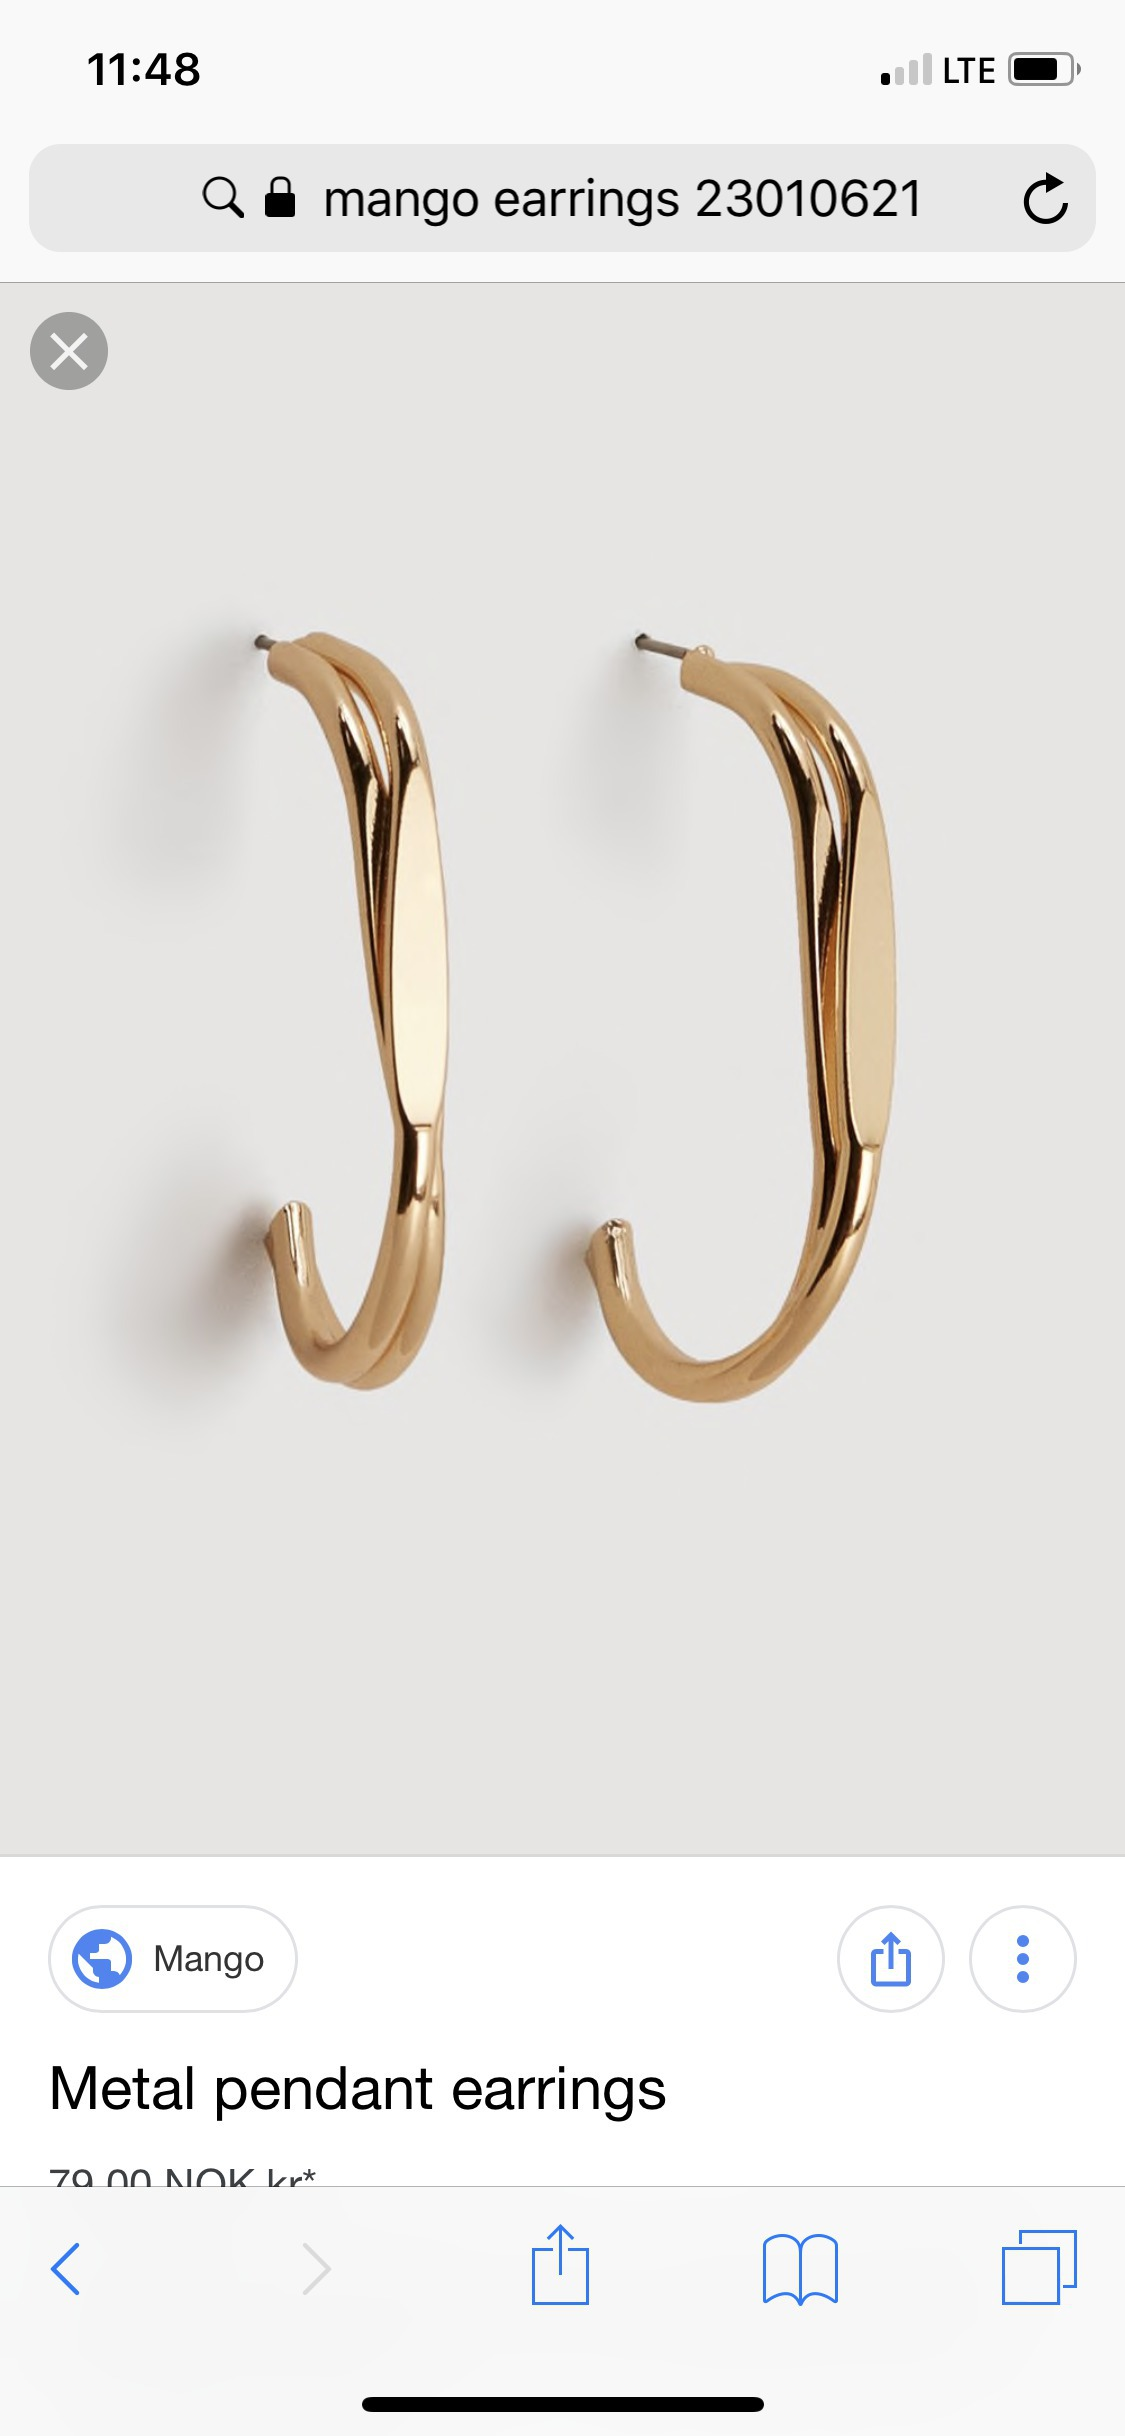 jewels earrings hoop earrings gold earrings wheretofindit